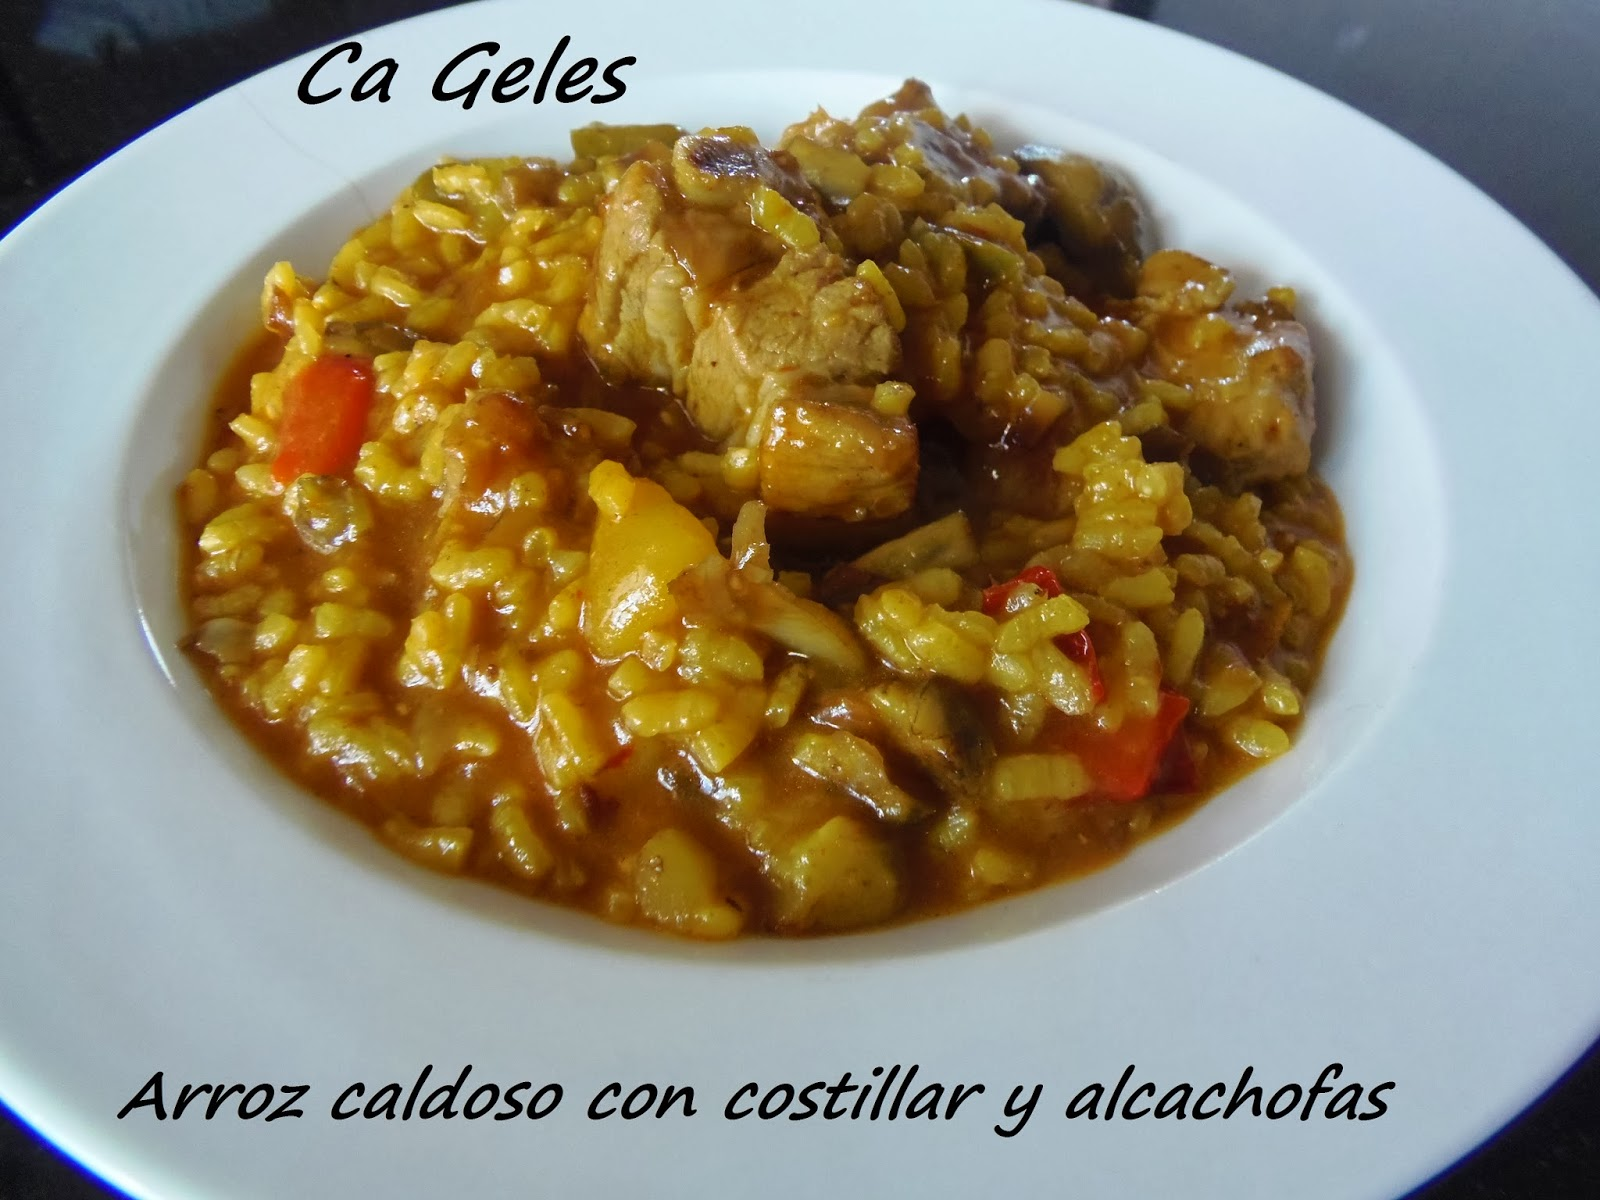 Arroz caldoso con costillar y alcachofas - Arroz caldoso con costillas y alcachofas ...